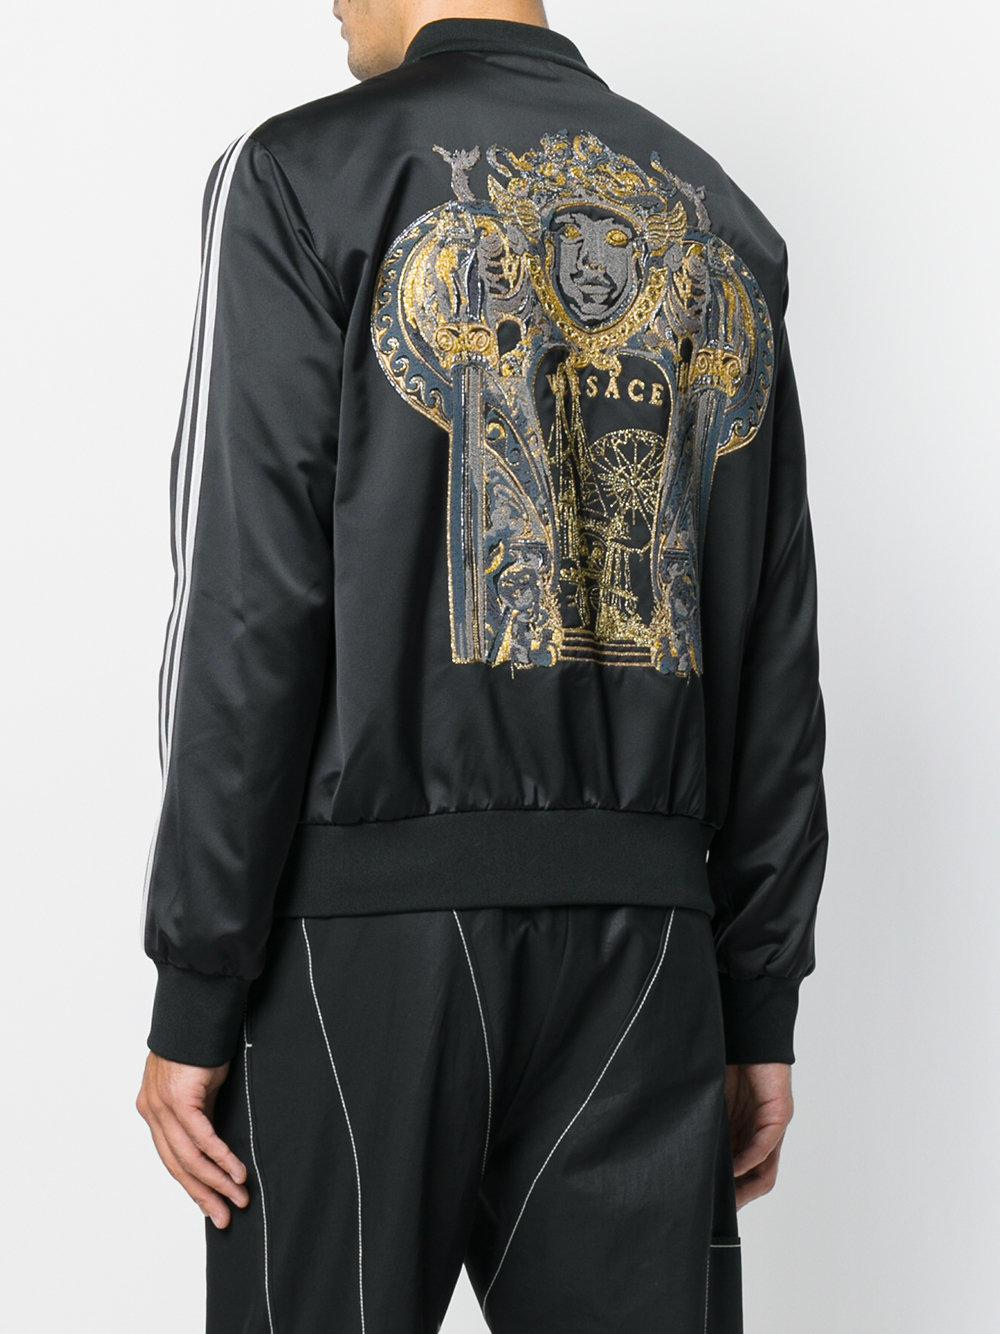 Versace Synthetisch Medusa Embroidered Bomber Jacket in het Zwart voor heren